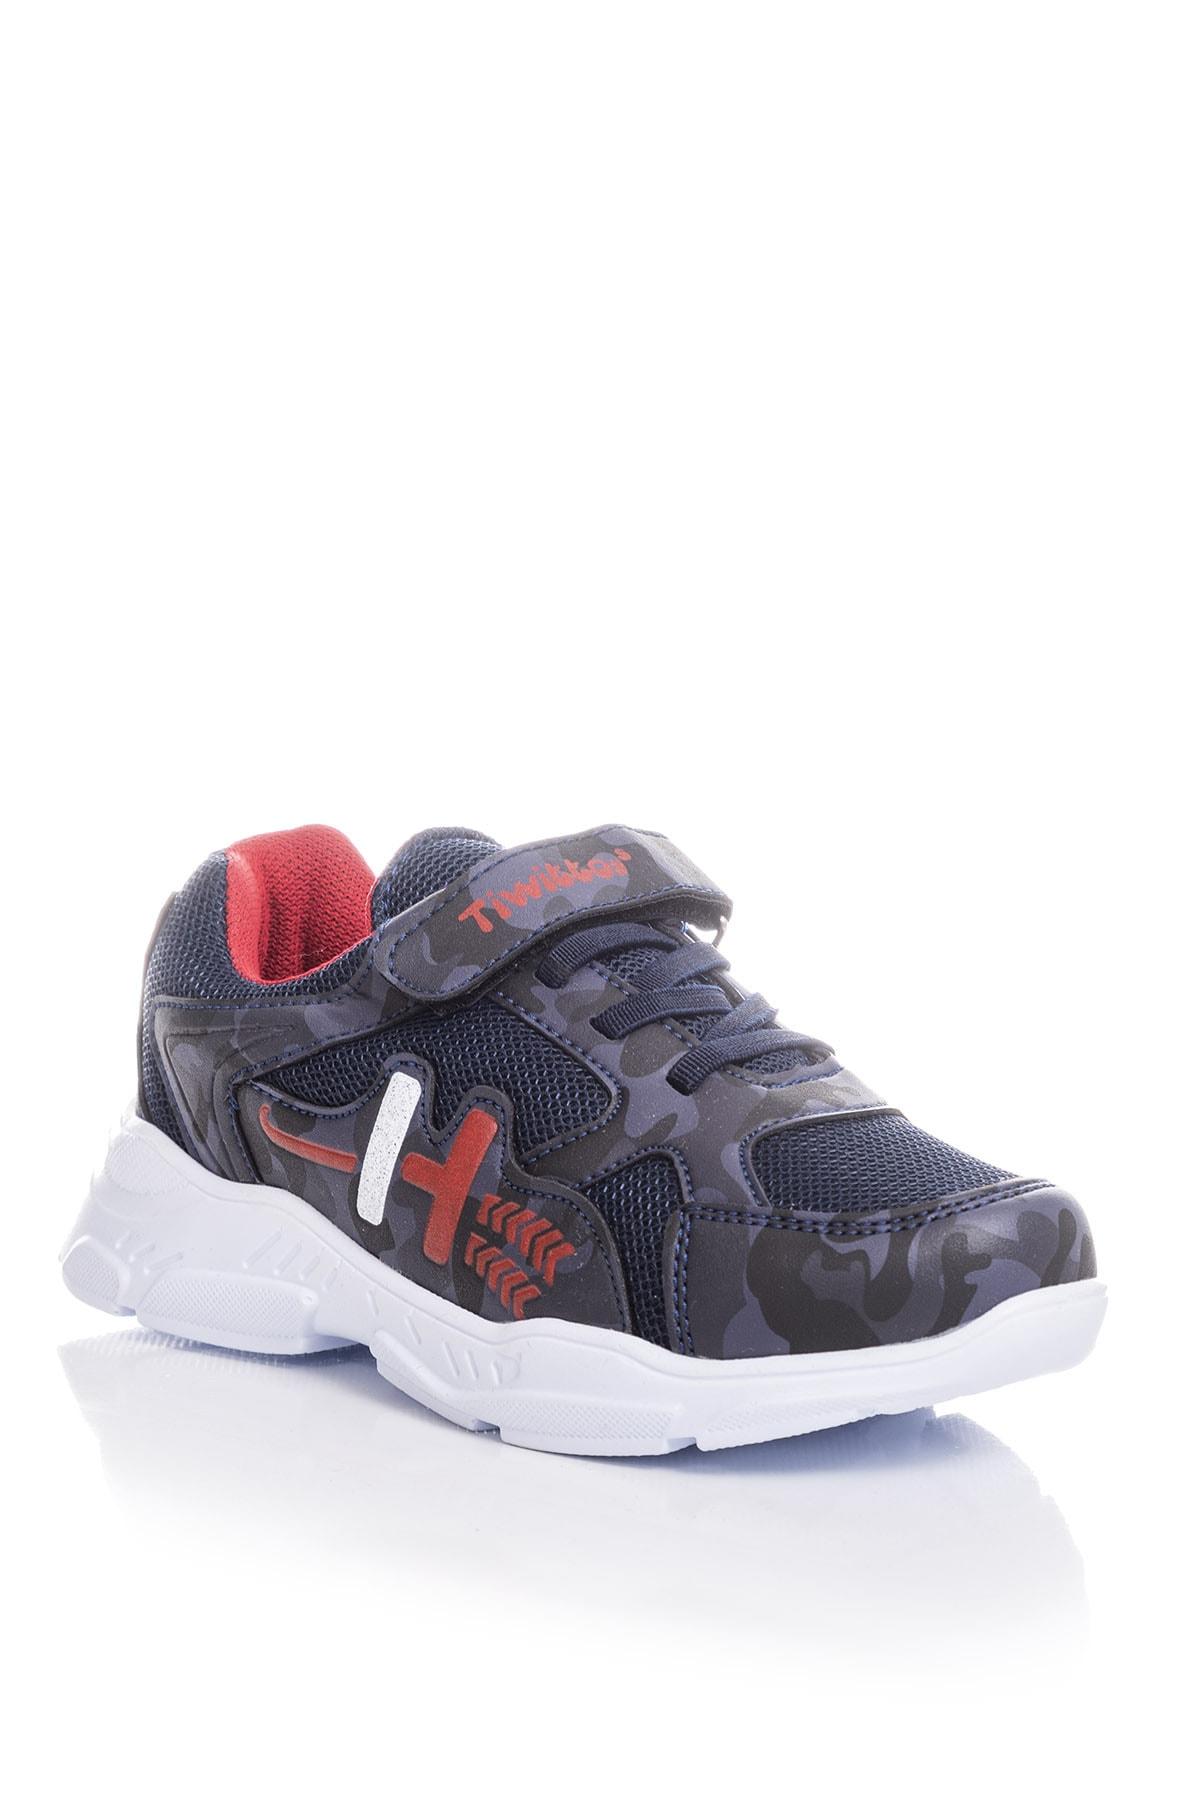 Tonny Black Erkek Çocuk Lacivert Kırmızı Sneaker TBZ13-3 1